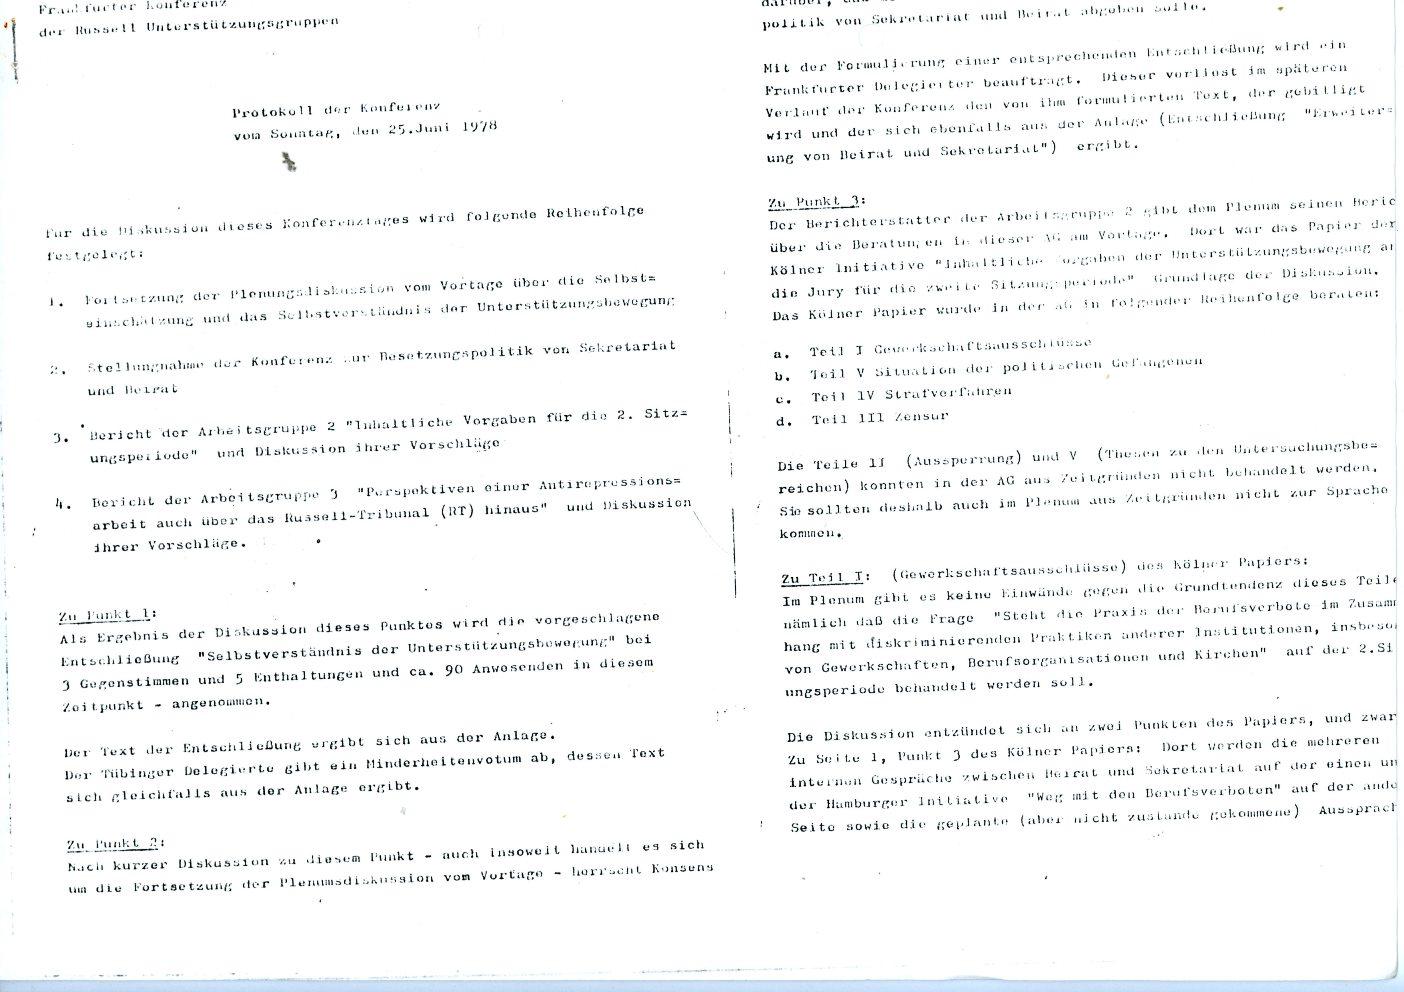 Frankfurt_Konferenz_der_Russell_Unterstuetzungsgruppen_19780624_01